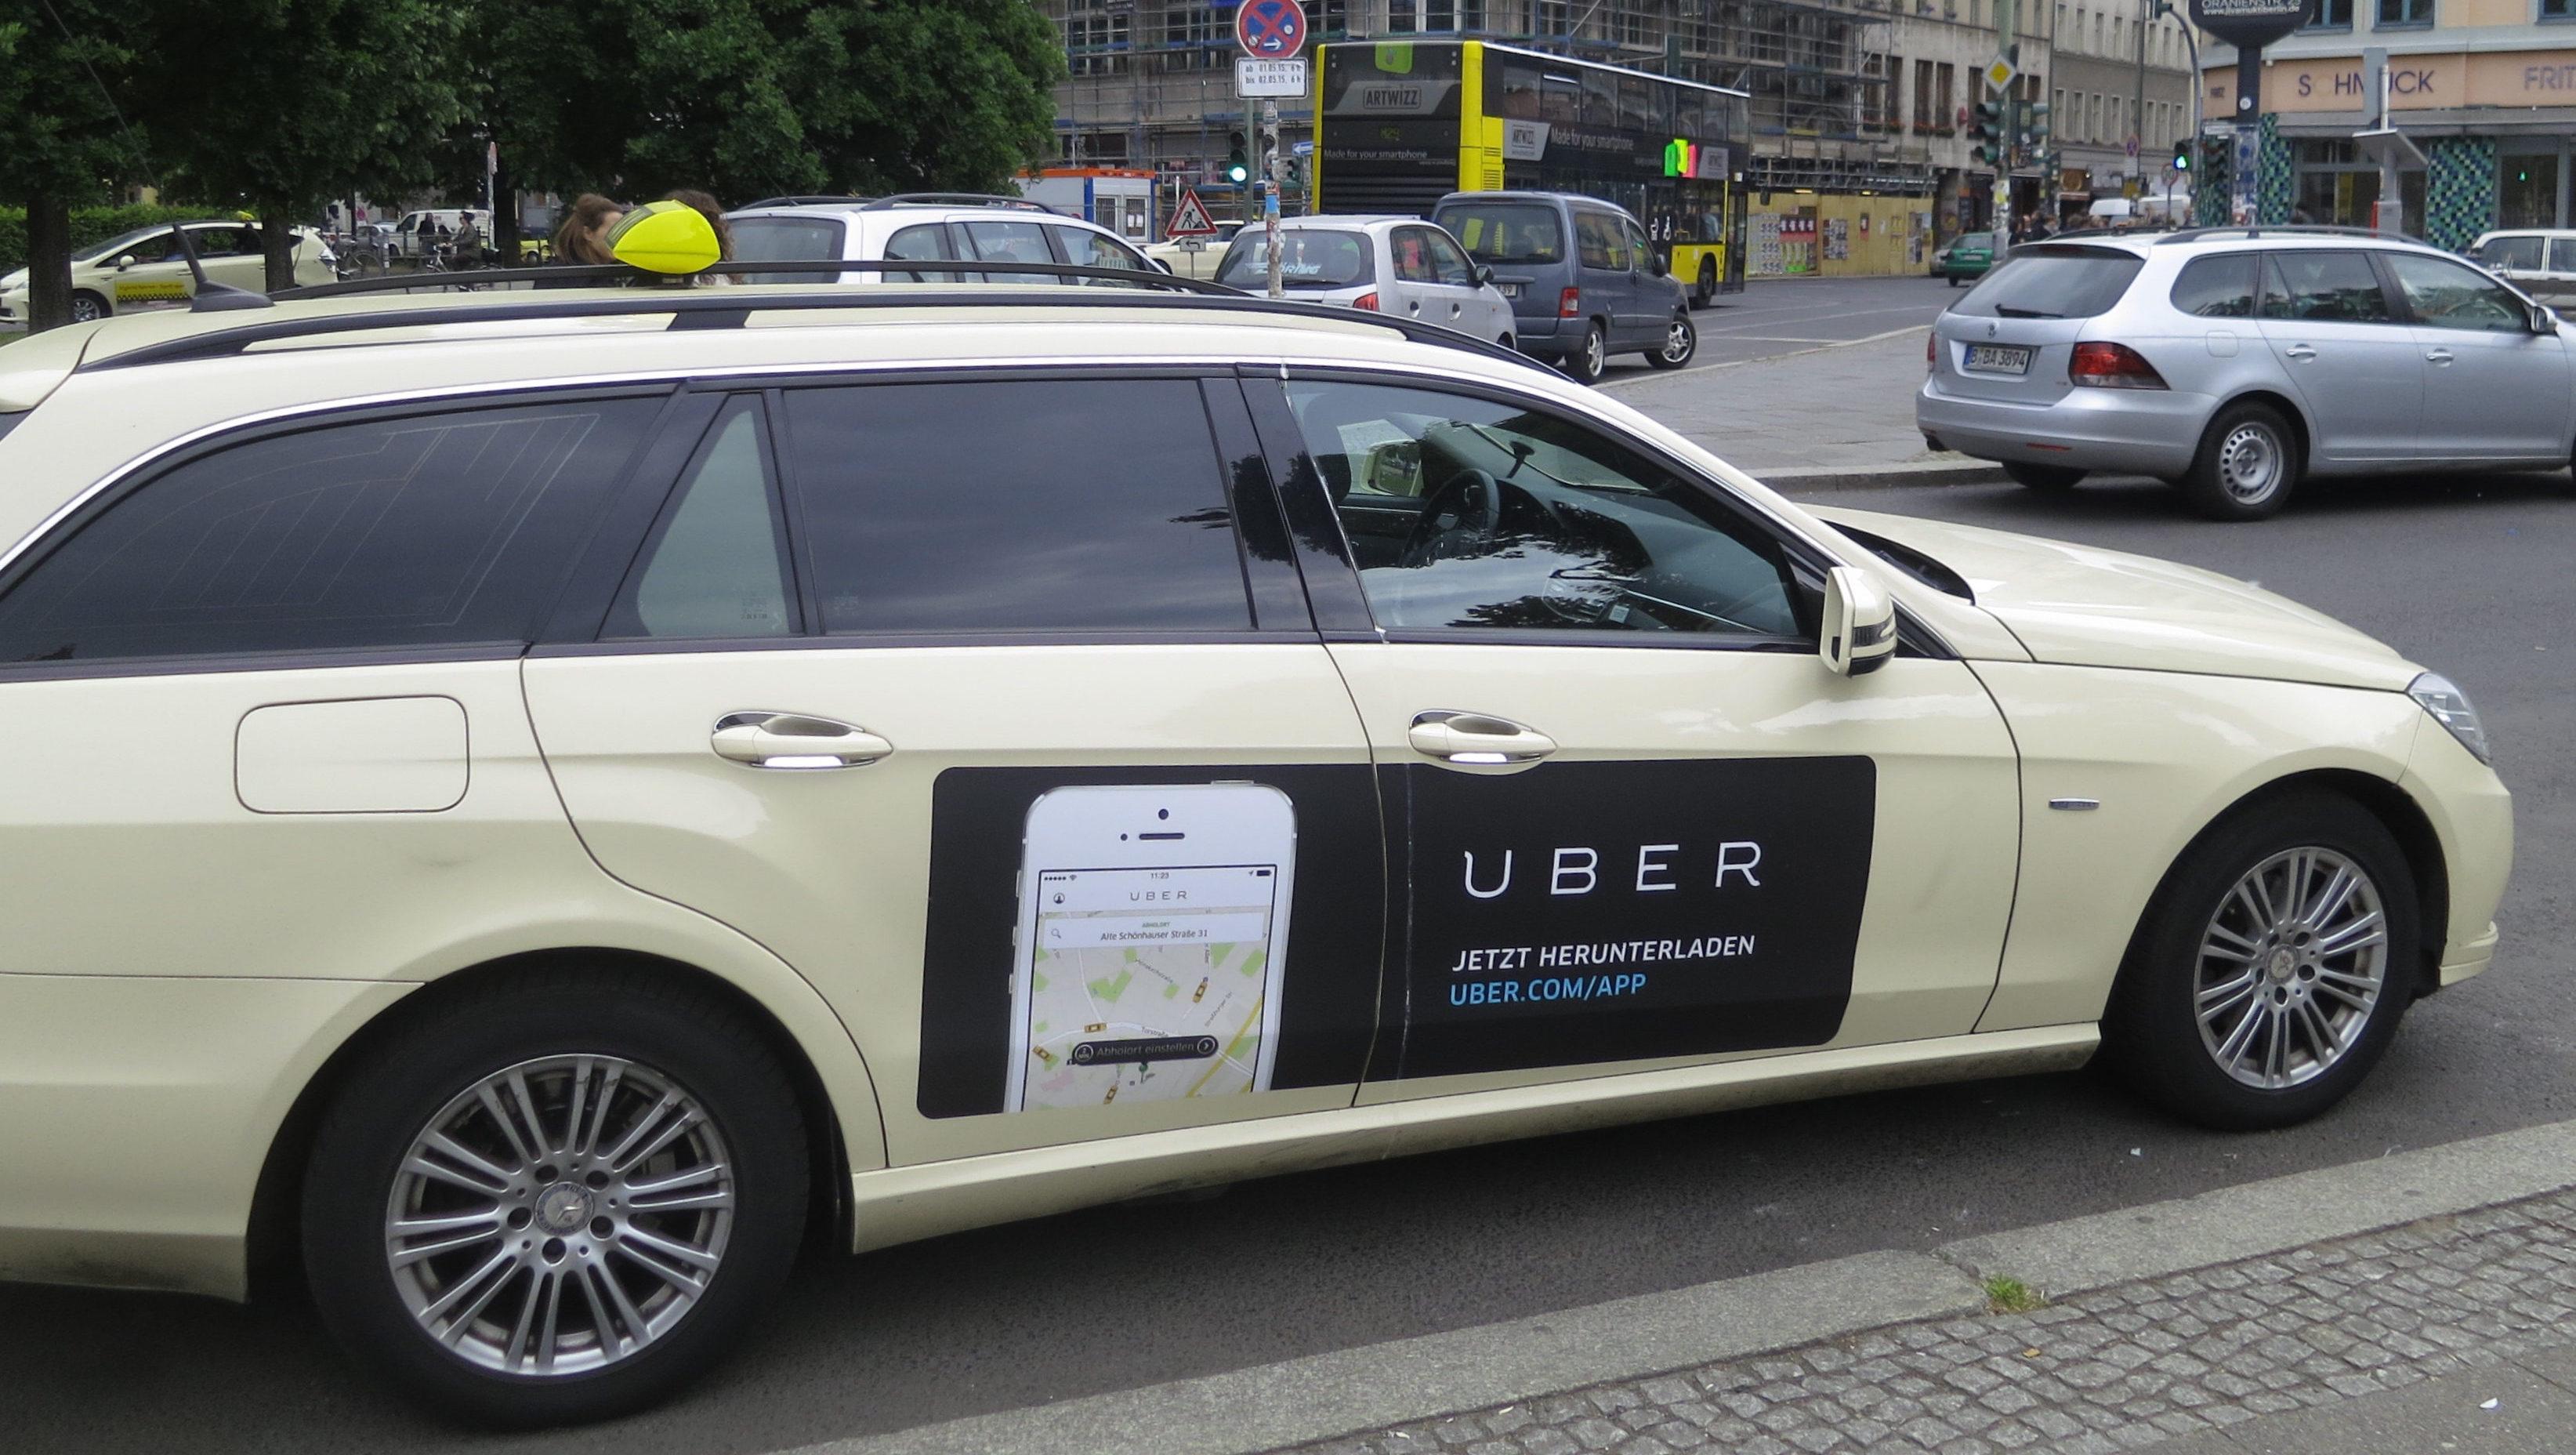 AXA ו-Uber מסייעים לצוותי הבריאות במצרים